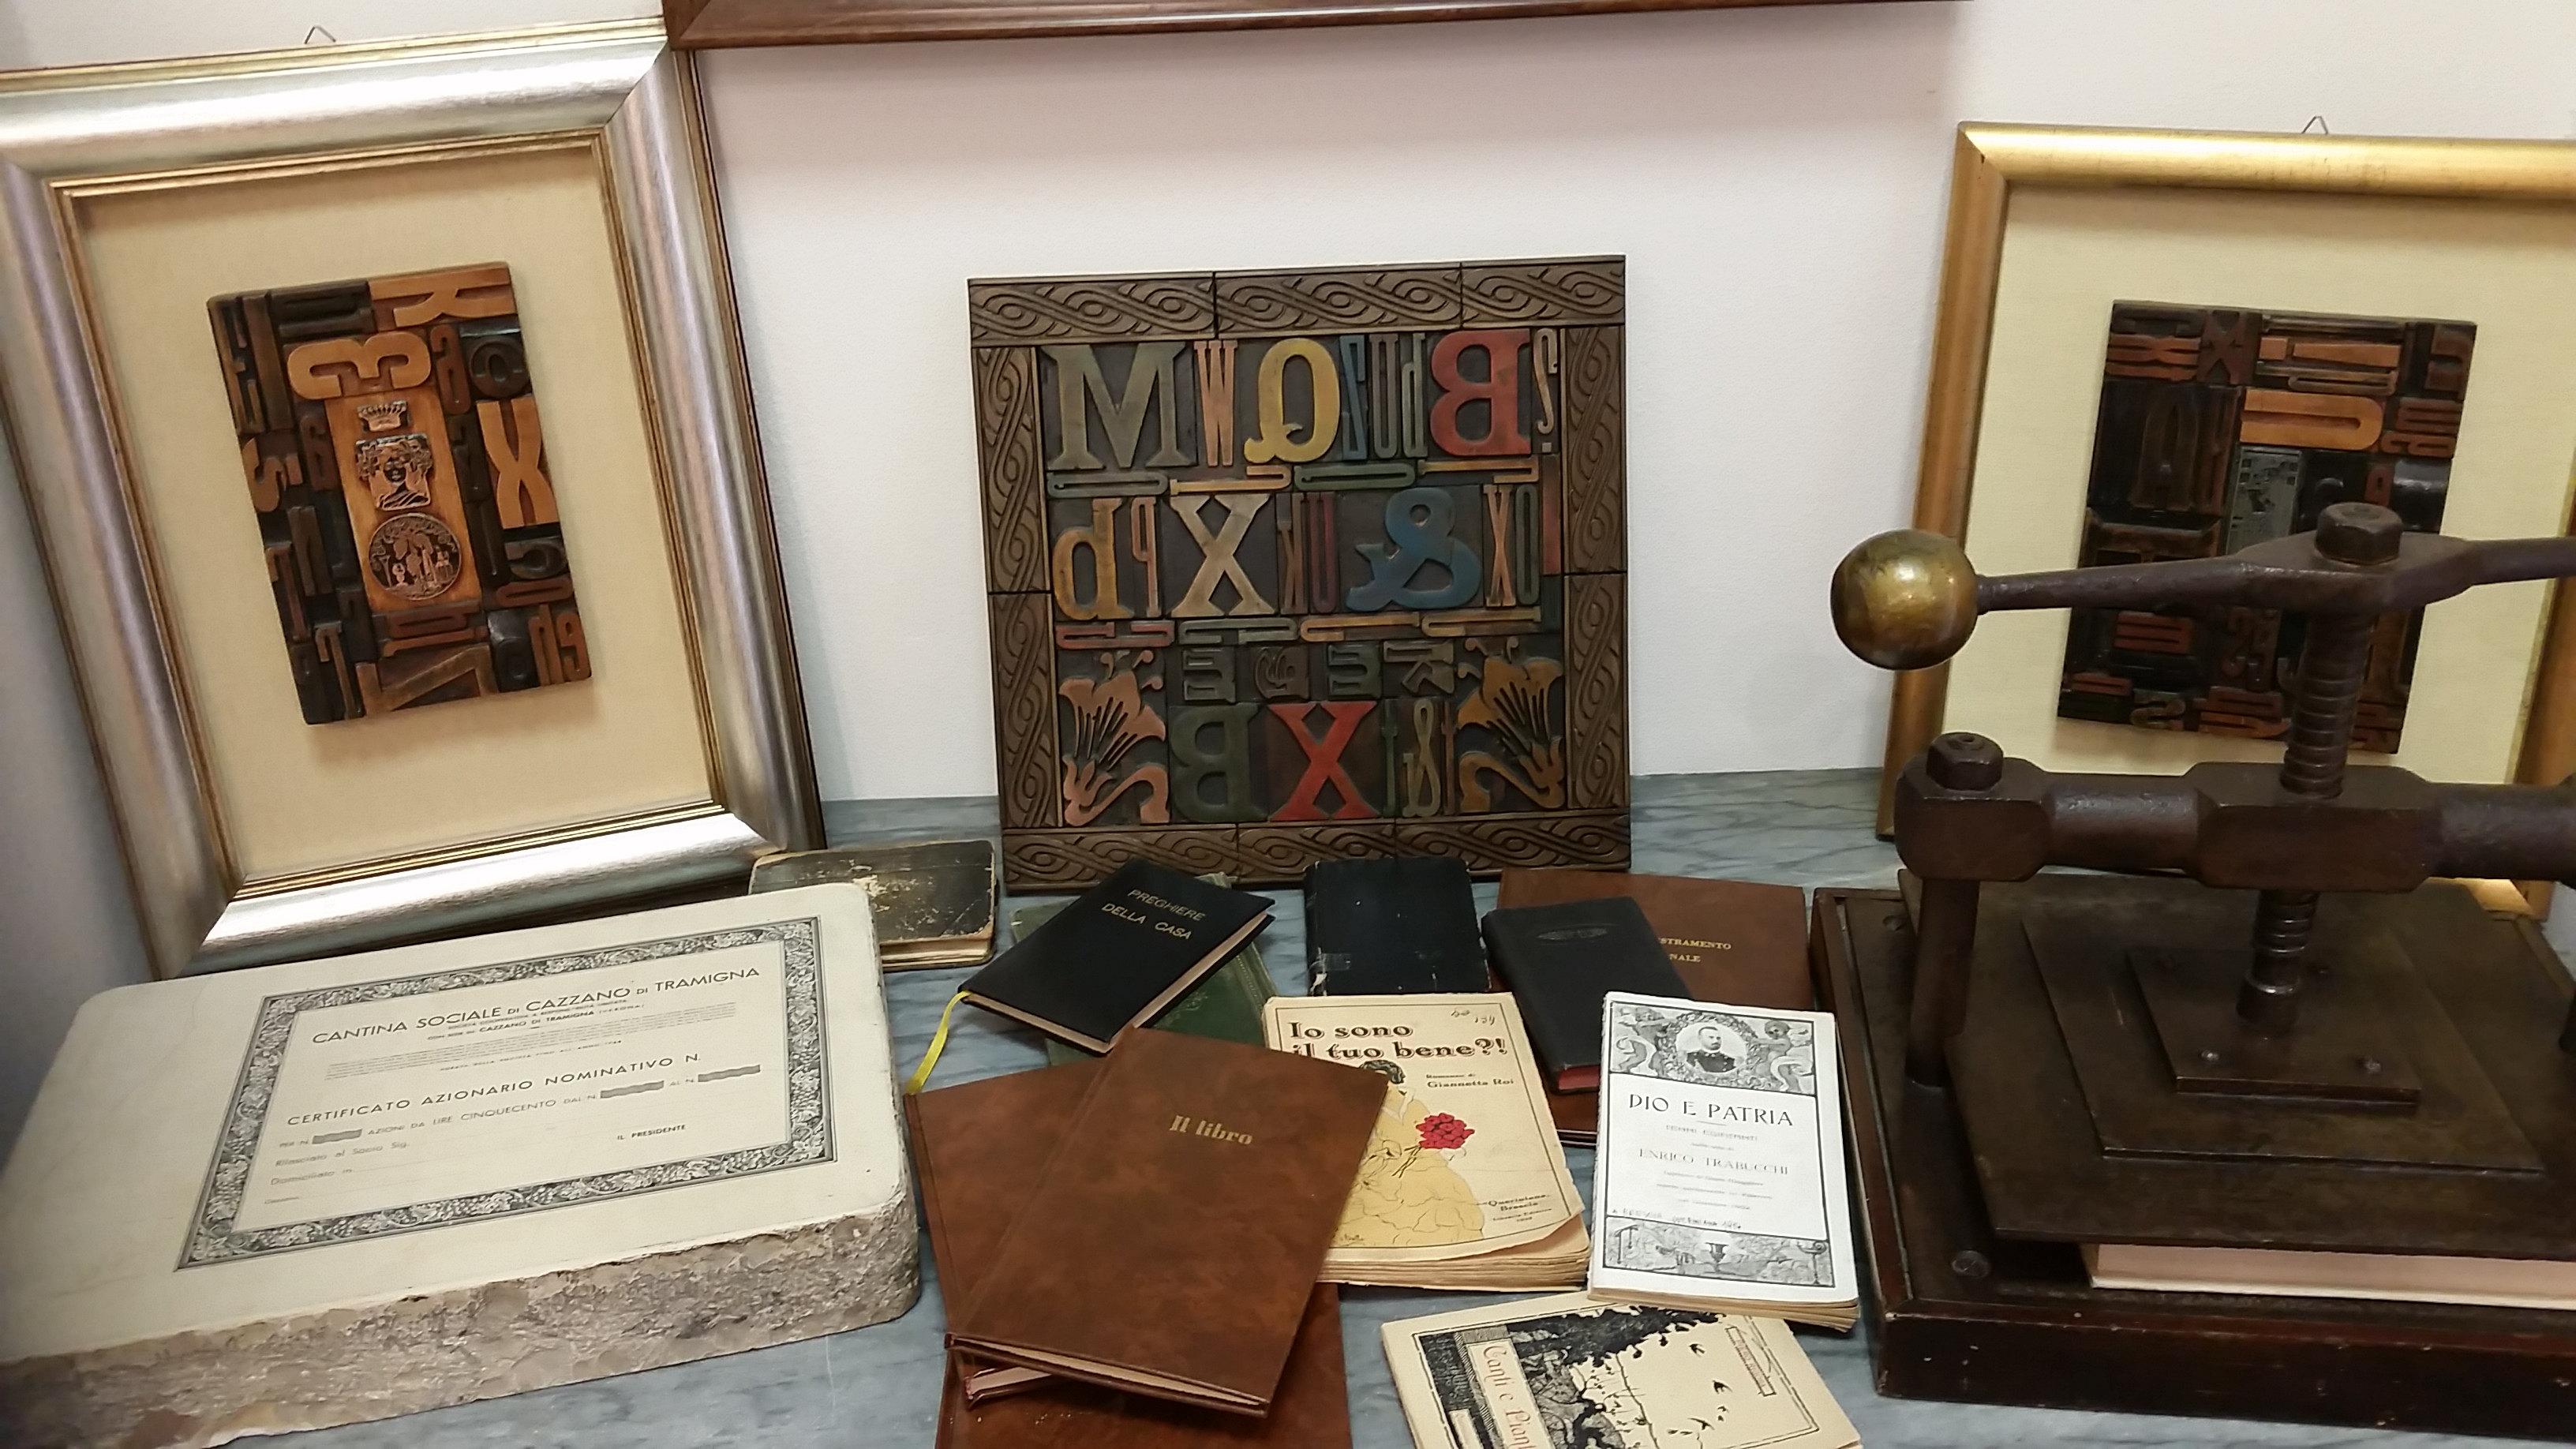 Piamarta Museo tipografia